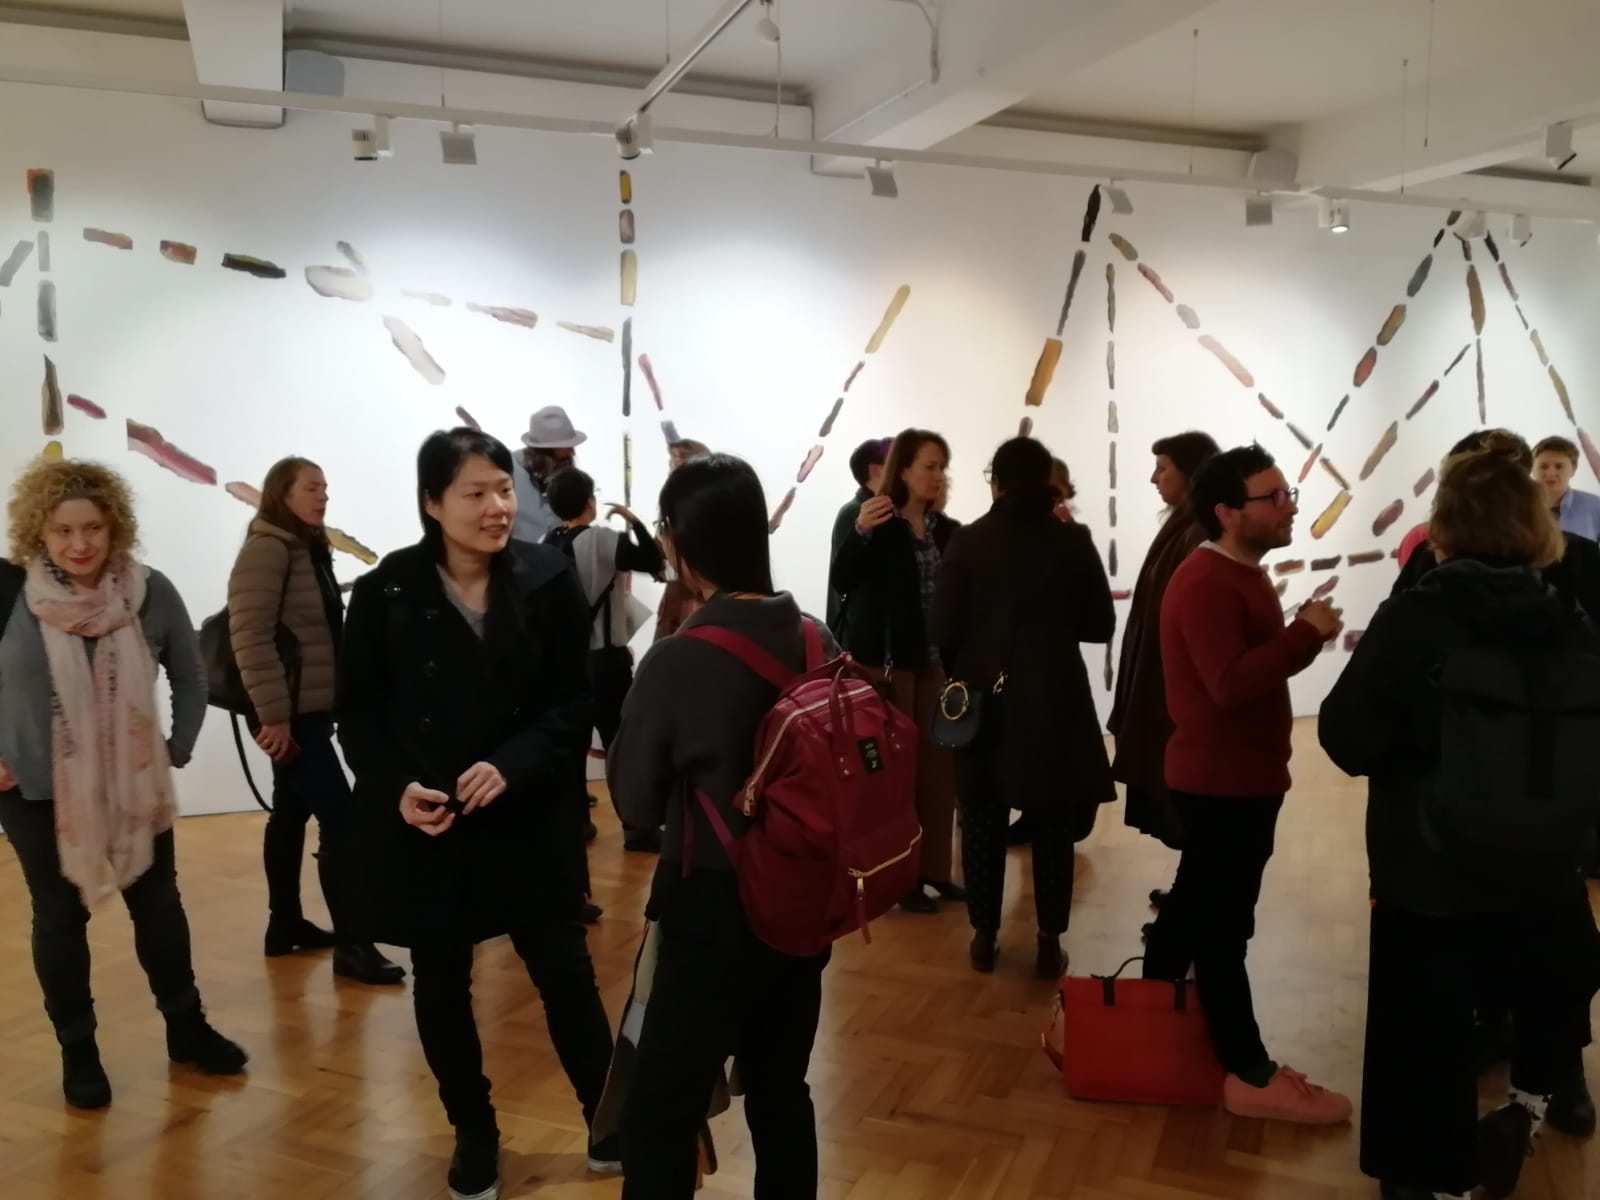 Johanna Bolton Exhibition Borough Road Gallery Private View